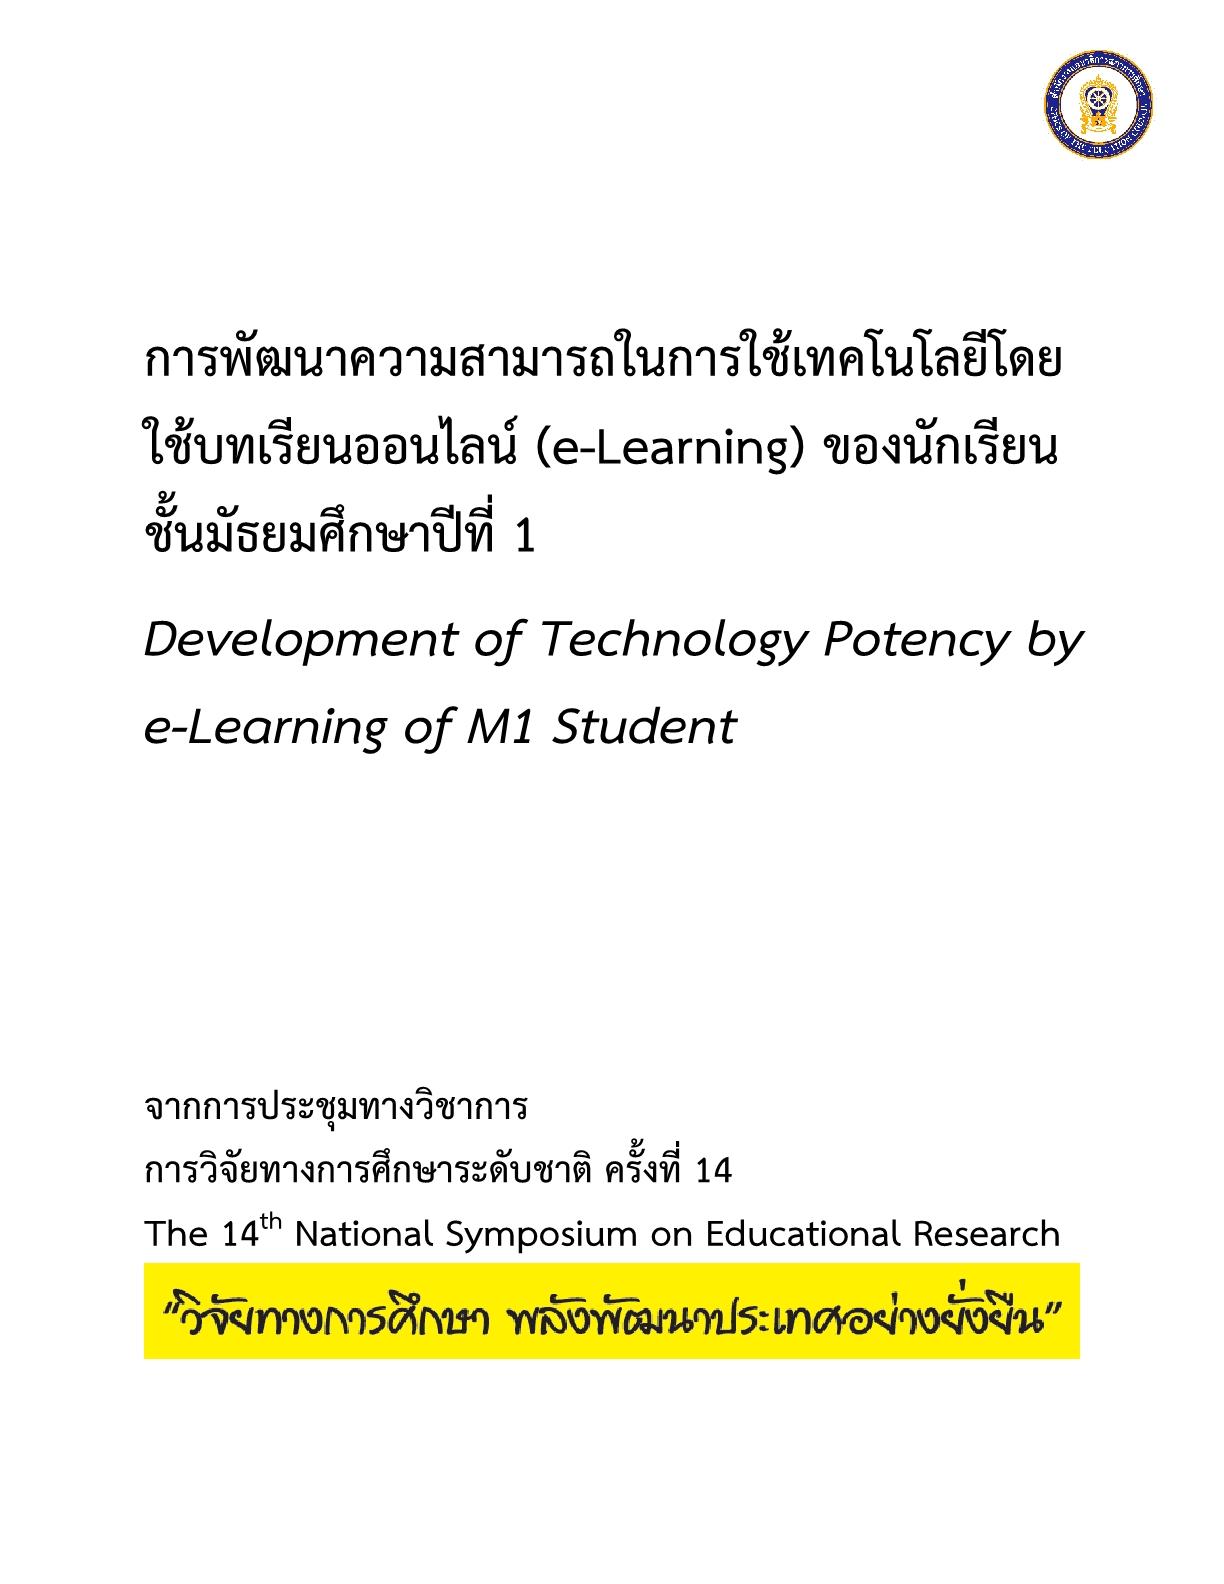 การพัฒนาความสามารถในการใช้เทคโนโลยีโดยใช้บทเรียนออนไลน์ (e-Learning) ของนักเรียนชั้นมัธยมศึกษาปีที่ 1